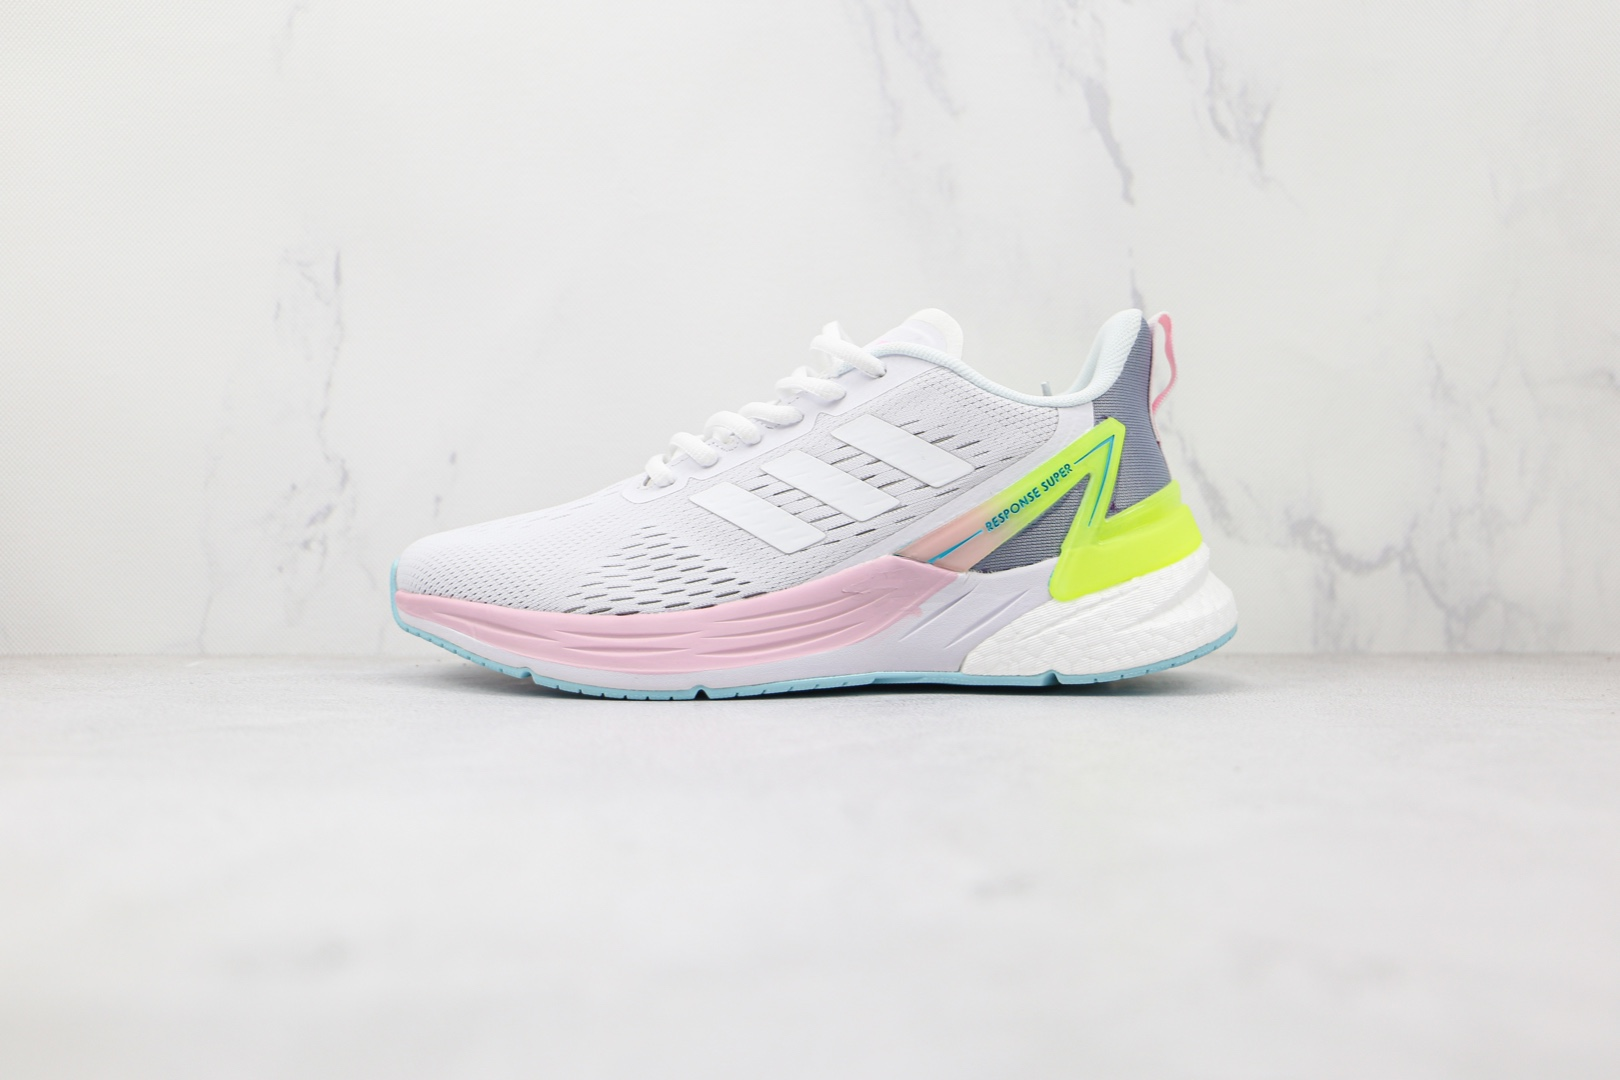 阿迪达斯Adidas RESPONSE SUPER纯原版本爆米花SR-l.PACE 5.0白粉色慢跑鞋原盒原标 货号:FY8887